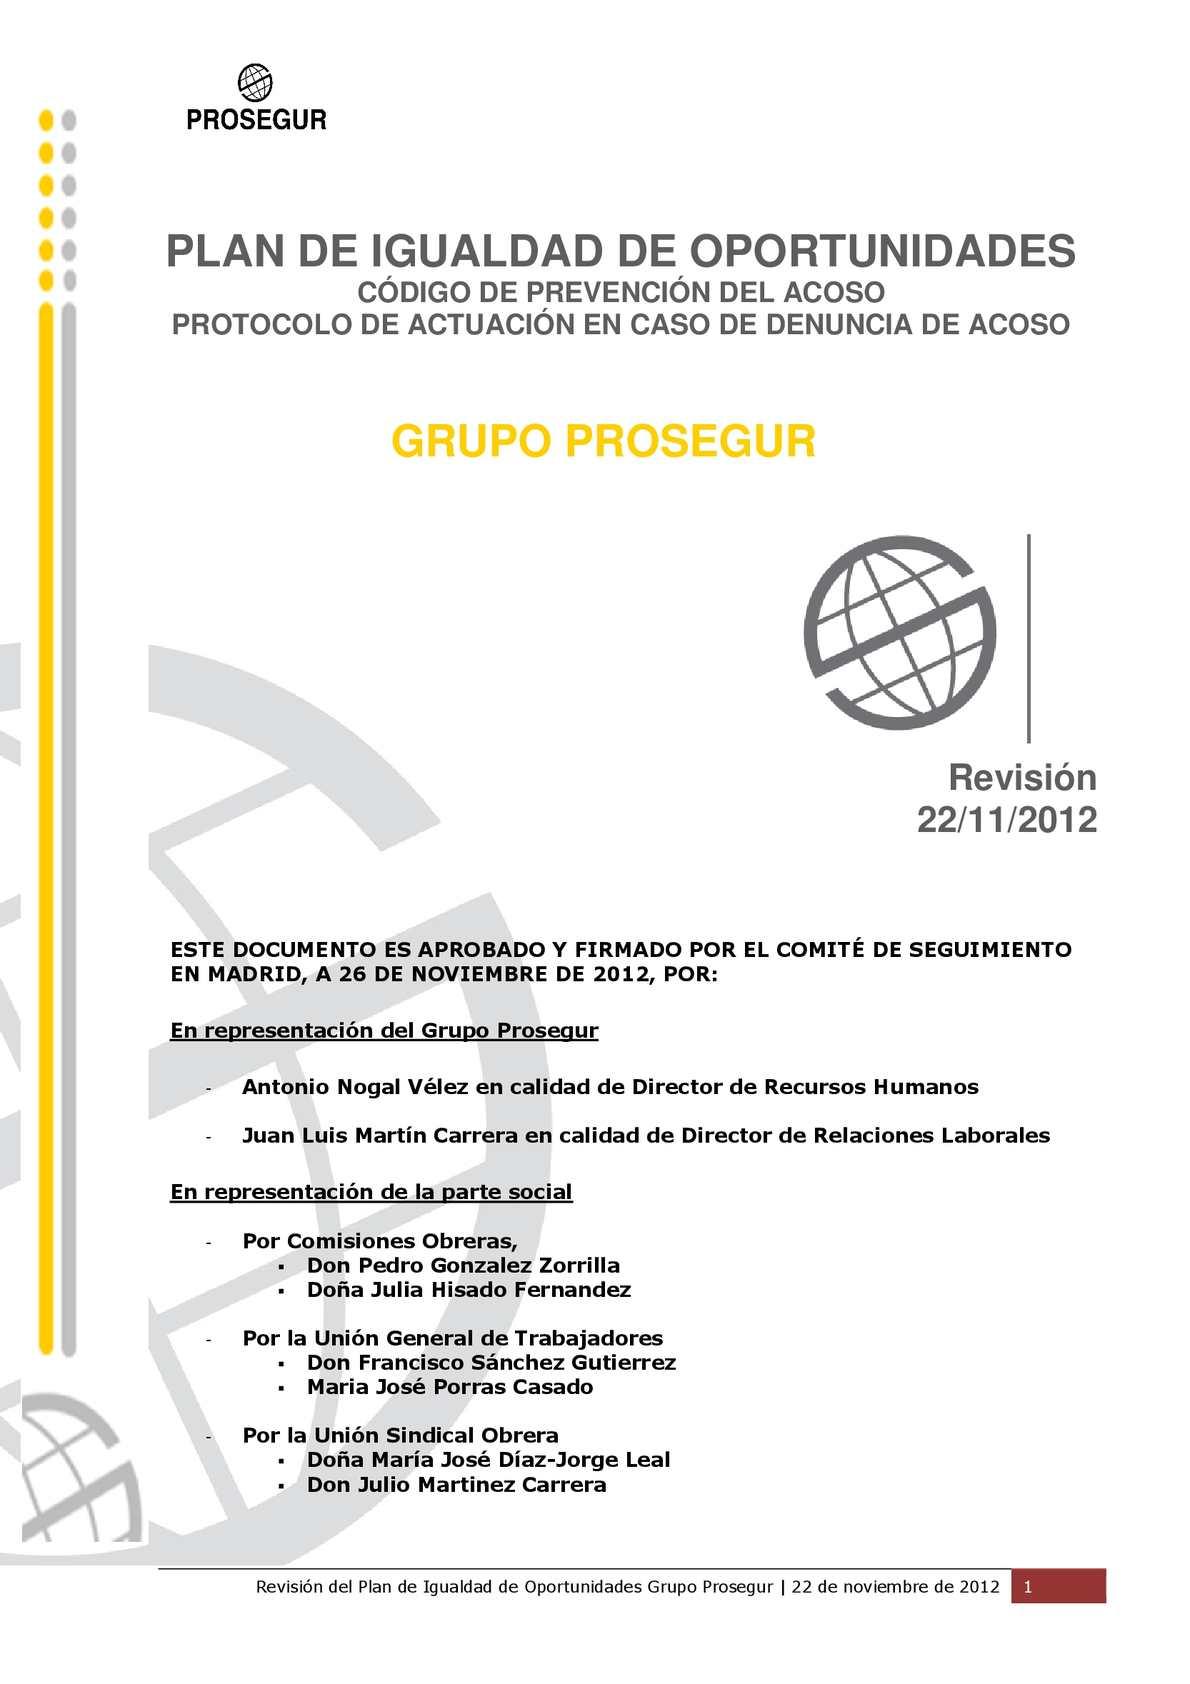 Calaméo - Revisión Plan de Igualdad de Prosegur (2012)